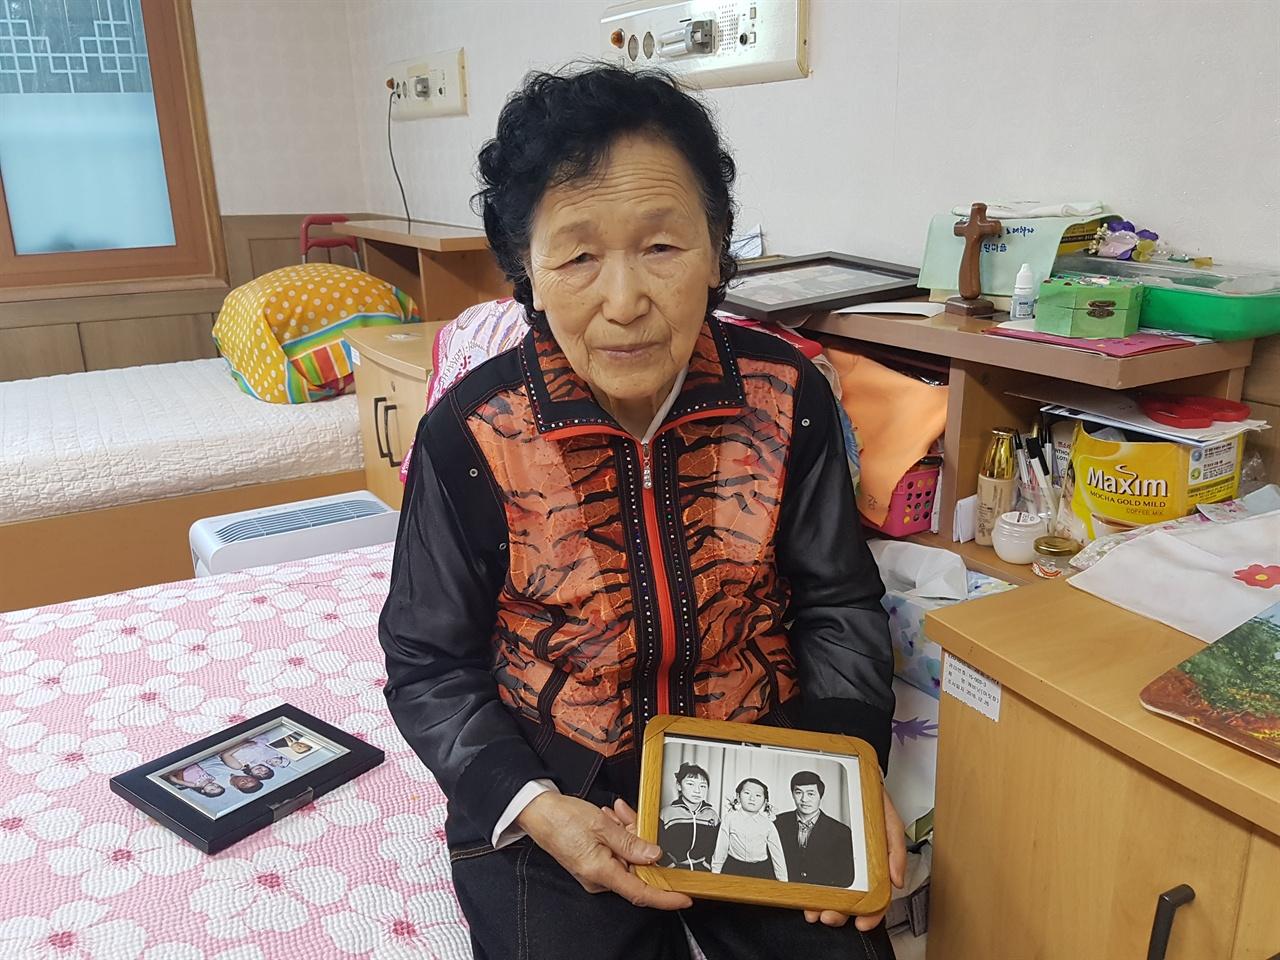 인천사할린동포복지회관 강정순 할머니가 가족과 찍은 사진을 들고 있다.? 강 할머니는 밝게 웃어보였지만 때때로 그리운 가족 이야기를 하며 눈물을 훔치시기도 했다.